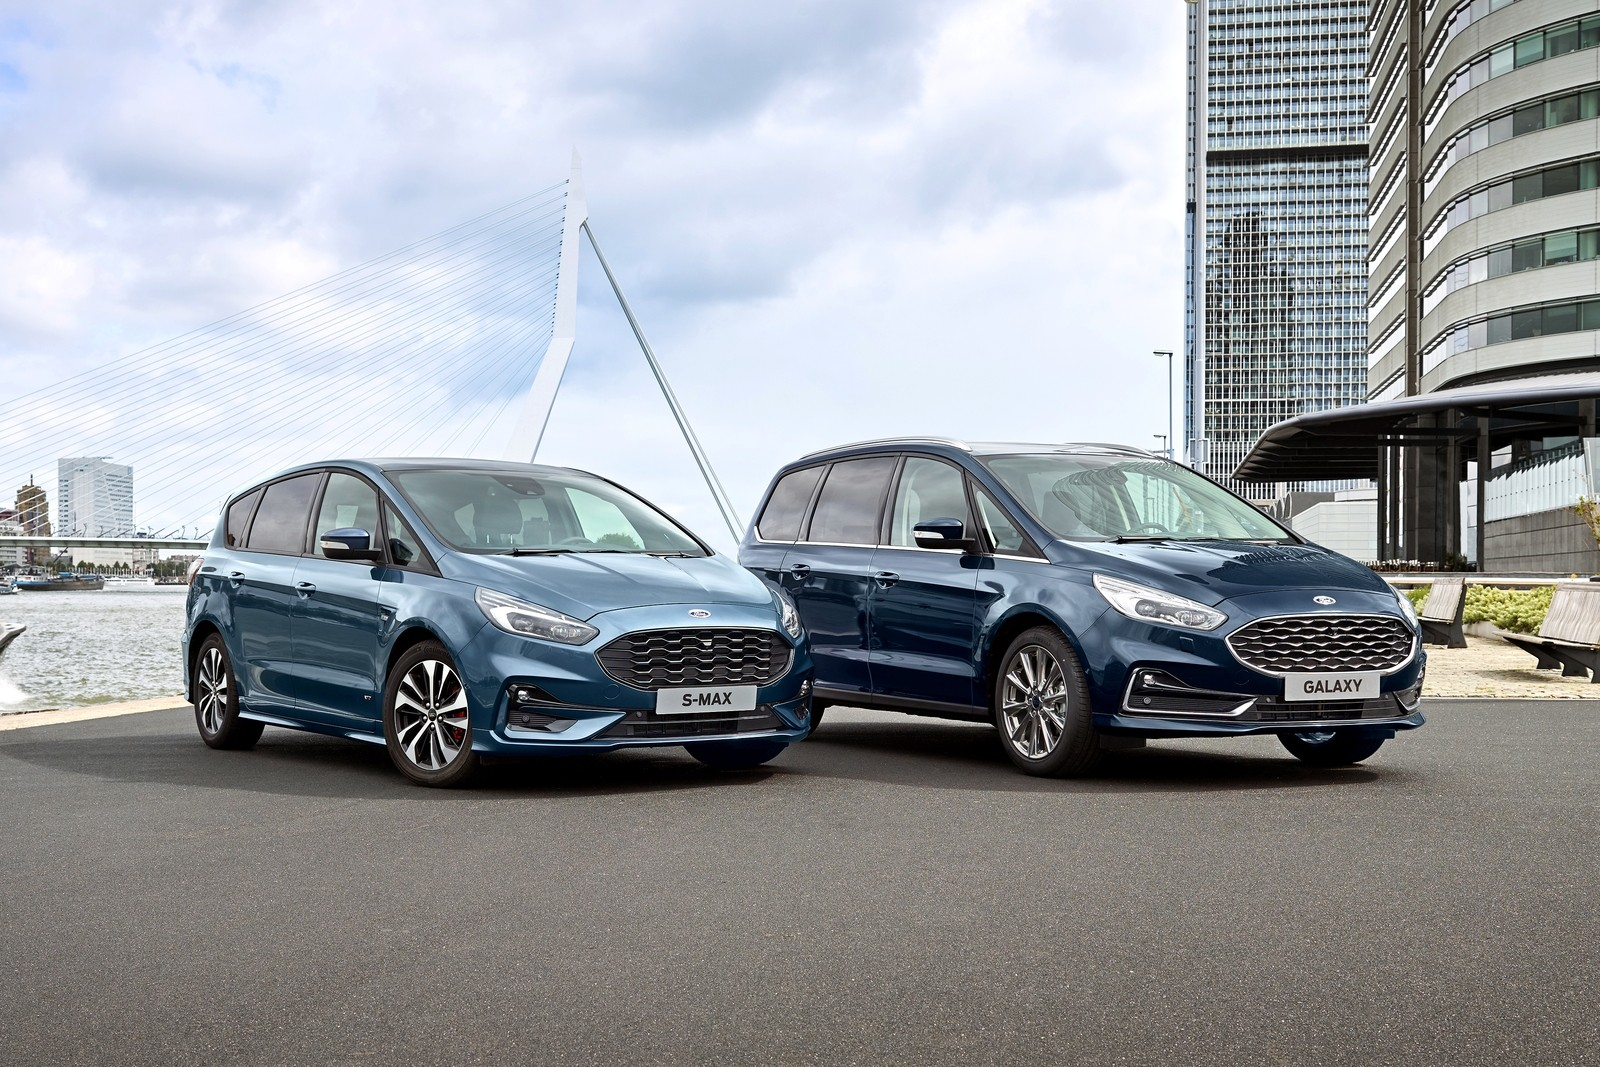 В прошлом году Ford объявил о грядущем сокращении европейского модельного ряда. В числе прочих моделей «под нож» попадут минивэны Galaxy и S-Max, выпускаемые в нынешнем поколении уже пять лет и пережившие обновление минувшей осенью.